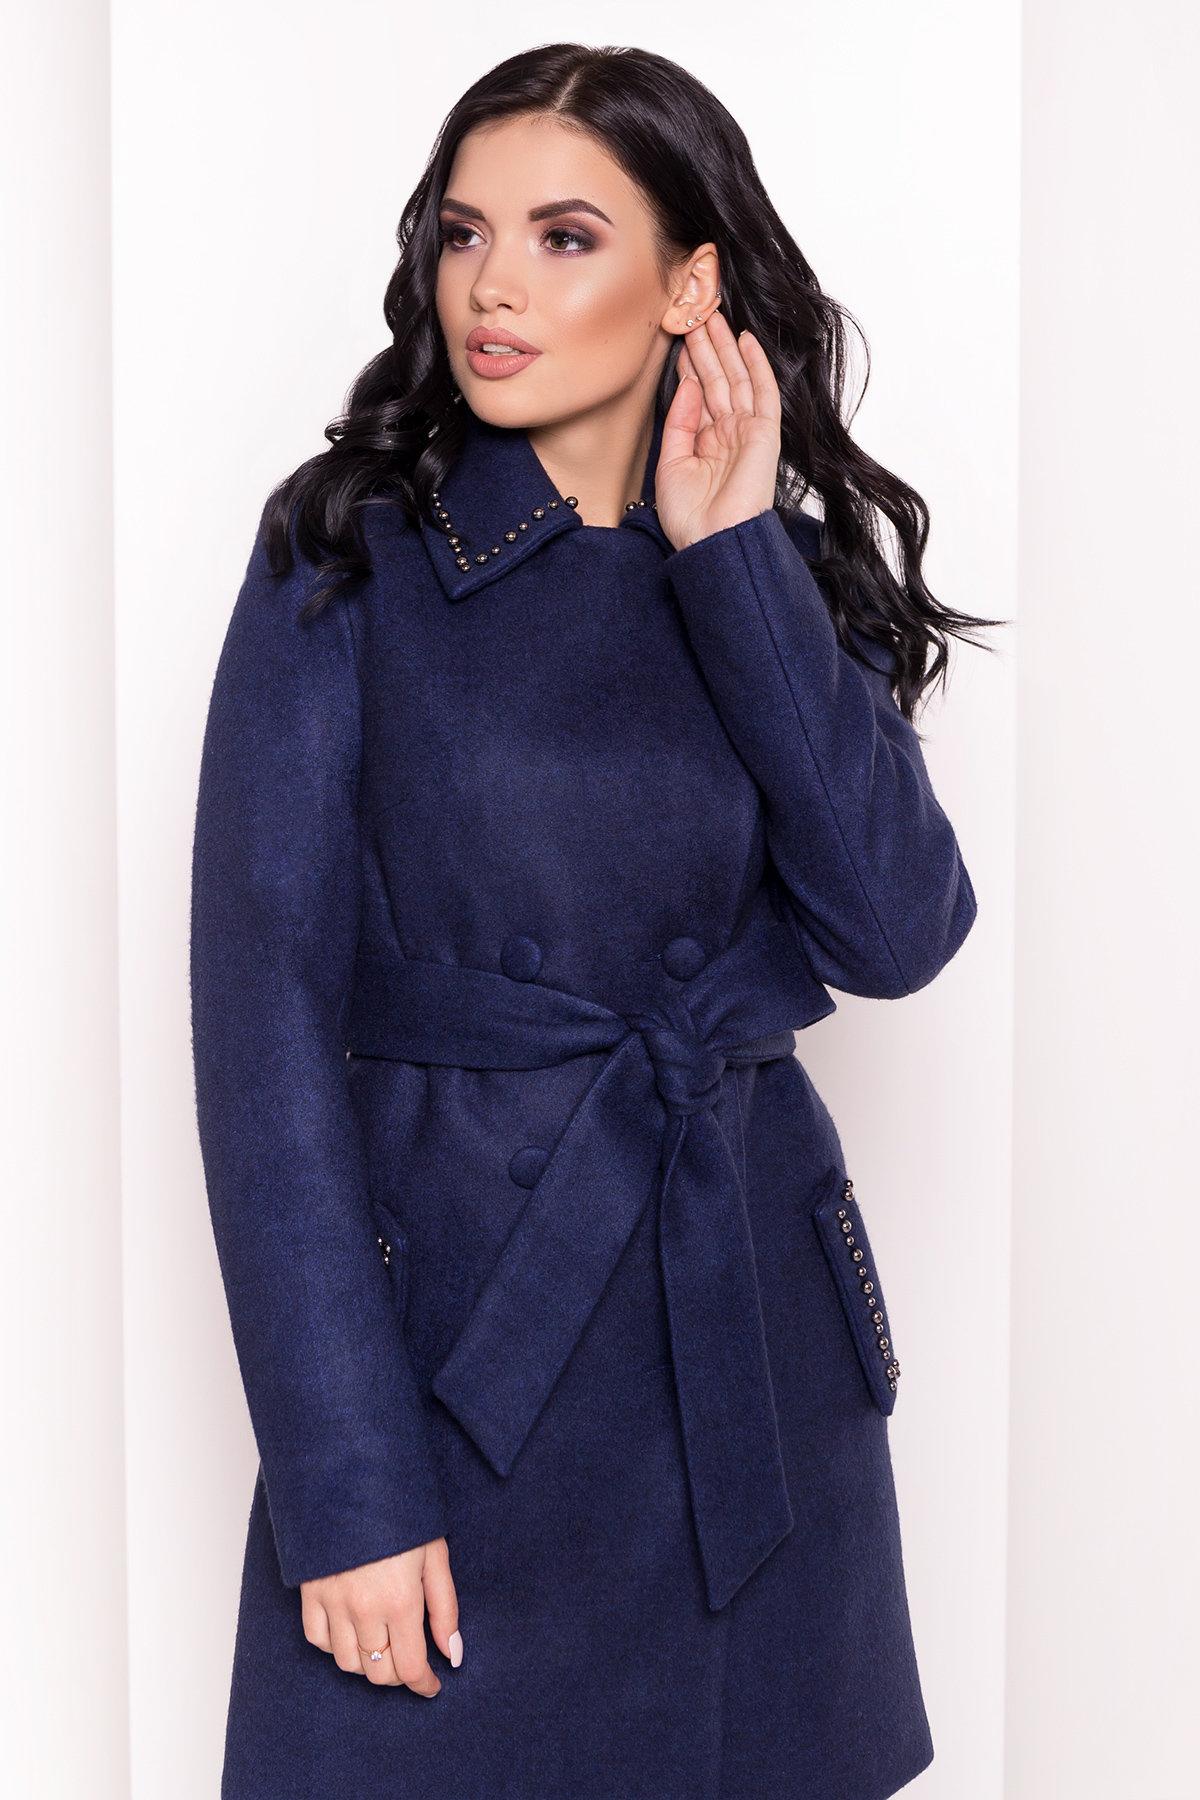 Пальто Кармен 5416 АРТ. 36777 Цвет: Темно-синий 17 - фото 5, интернет магазин tm-modus.ru